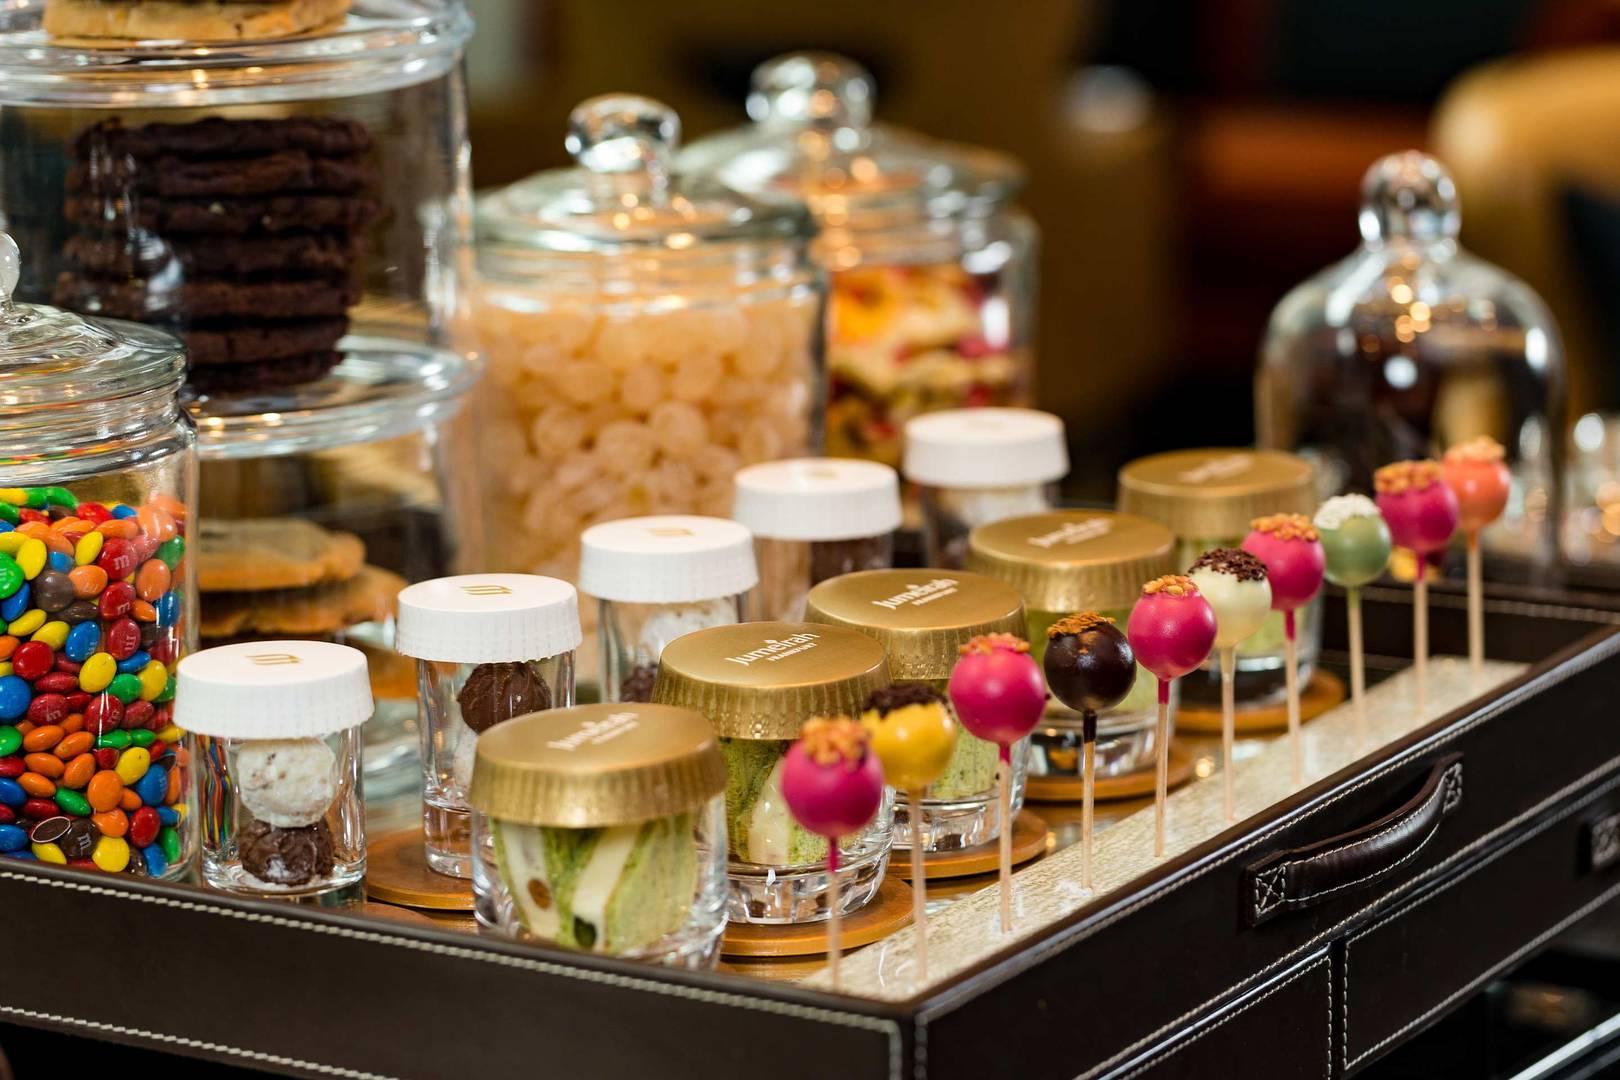 卓美亚法兰克福Ember酒吧及大堂酒廊的糖果